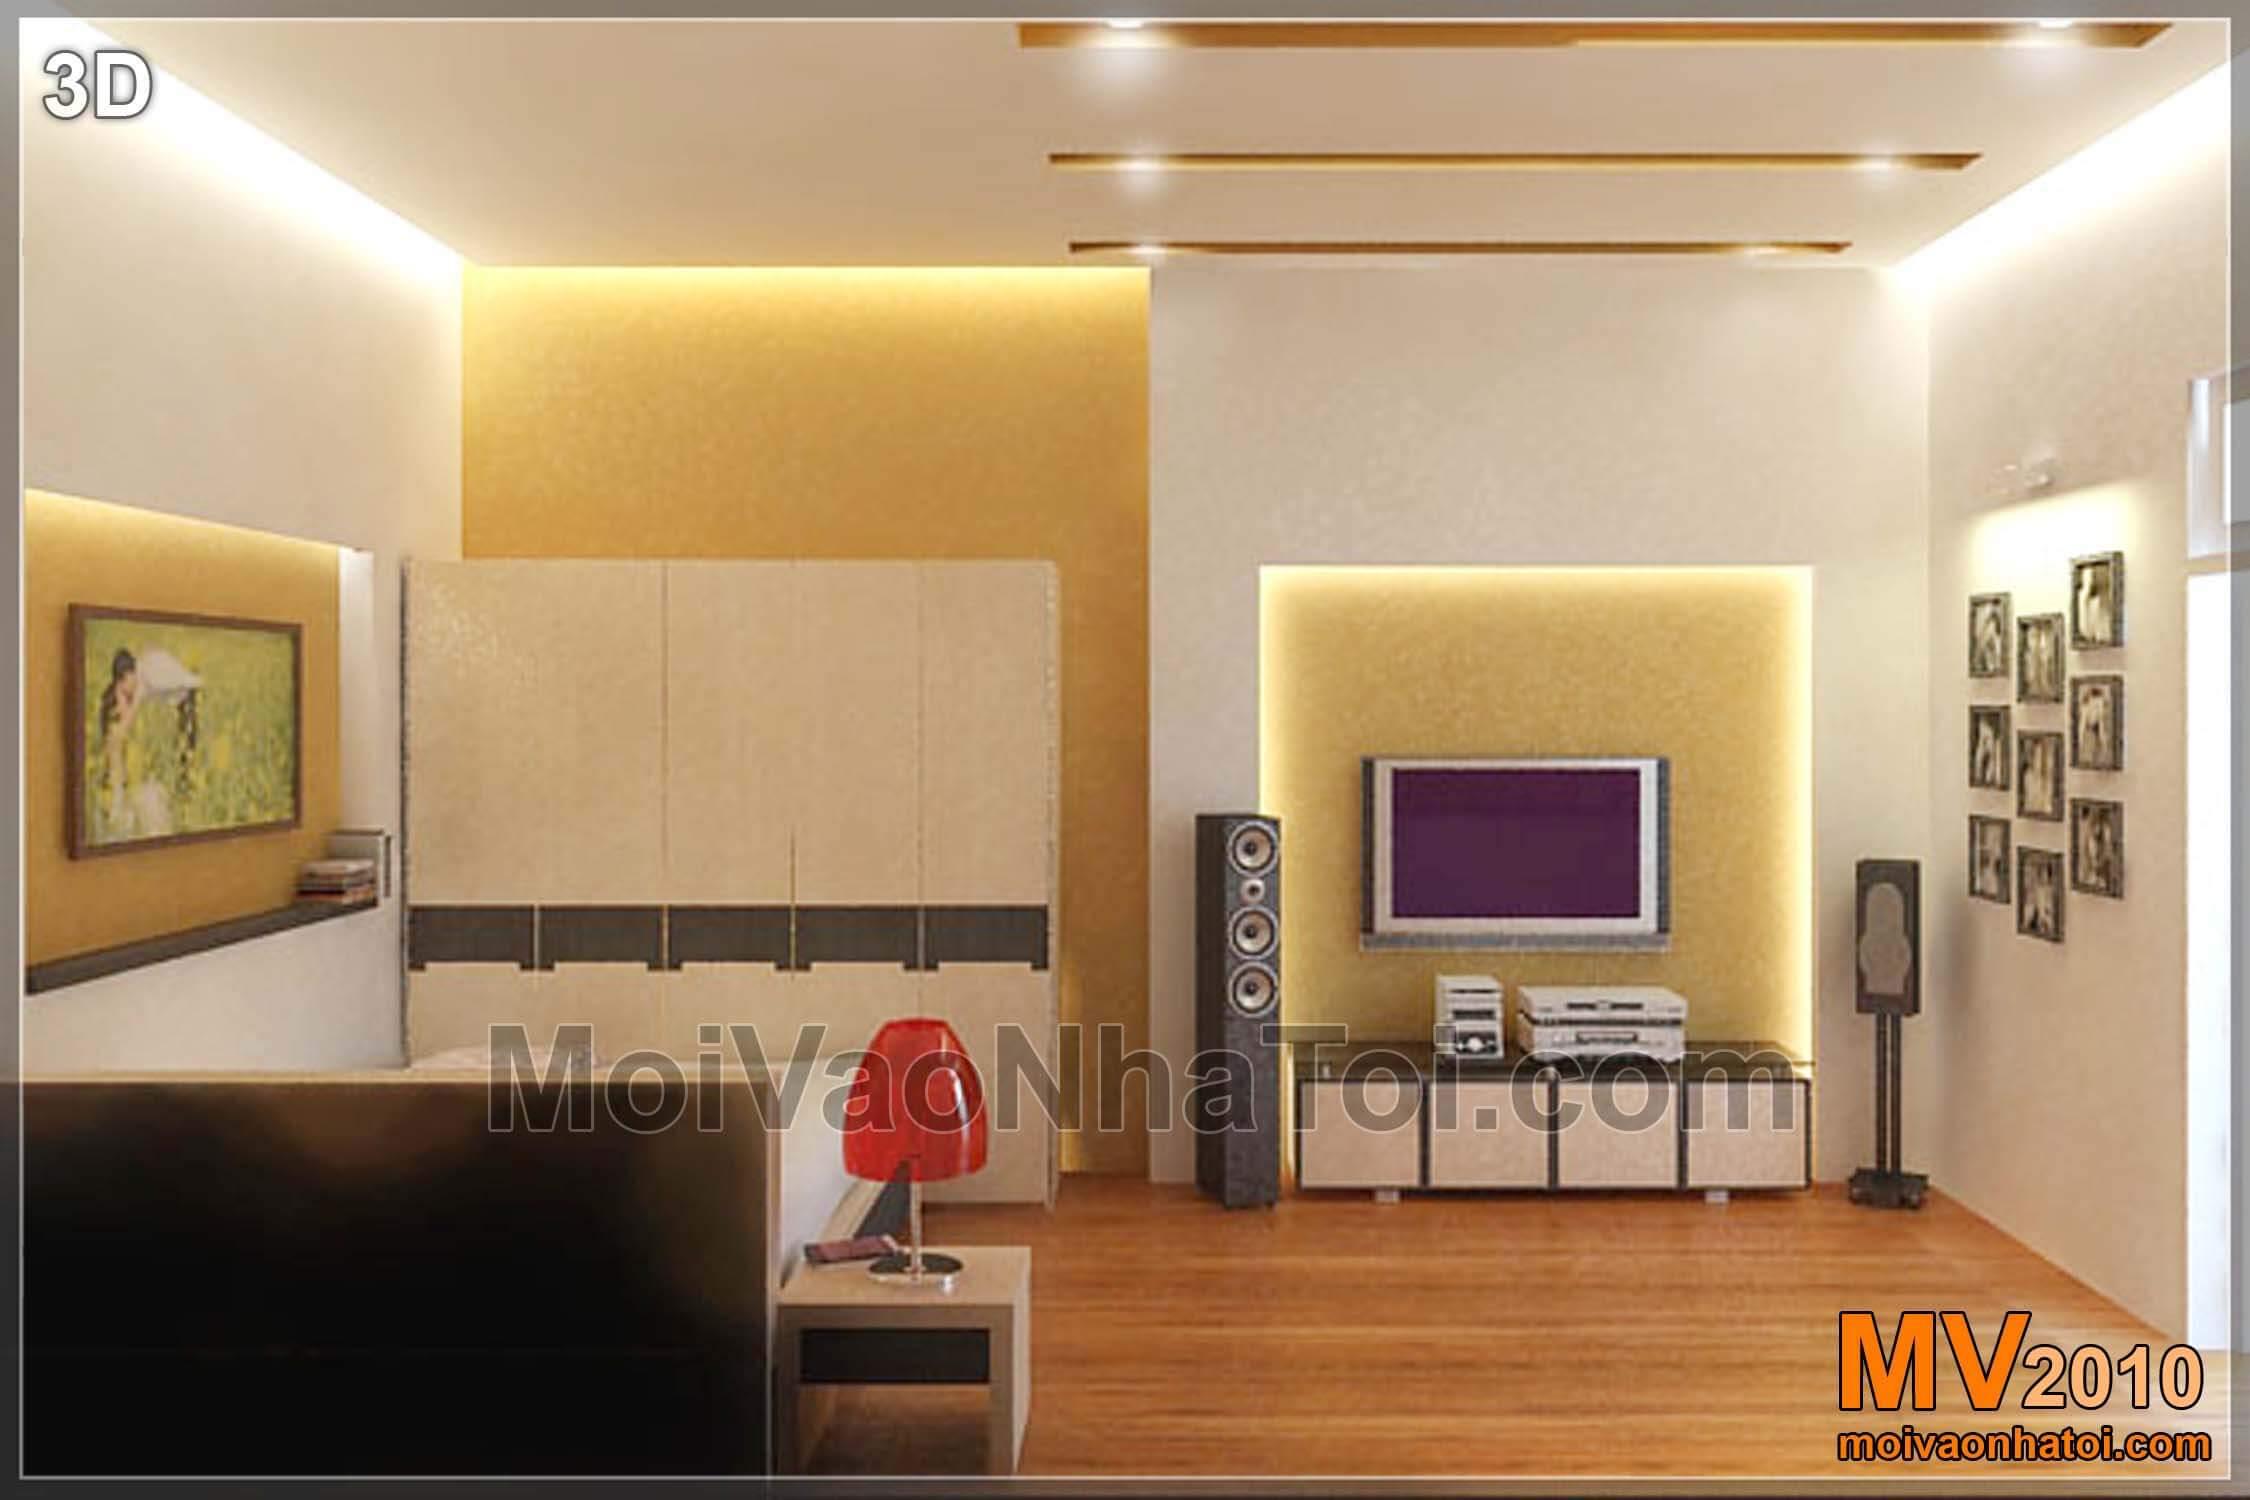 Thiết kế phòng ngủ nhỏ 17m2 tiết kiệm không gian với sàn ngồi kiểu Nhật